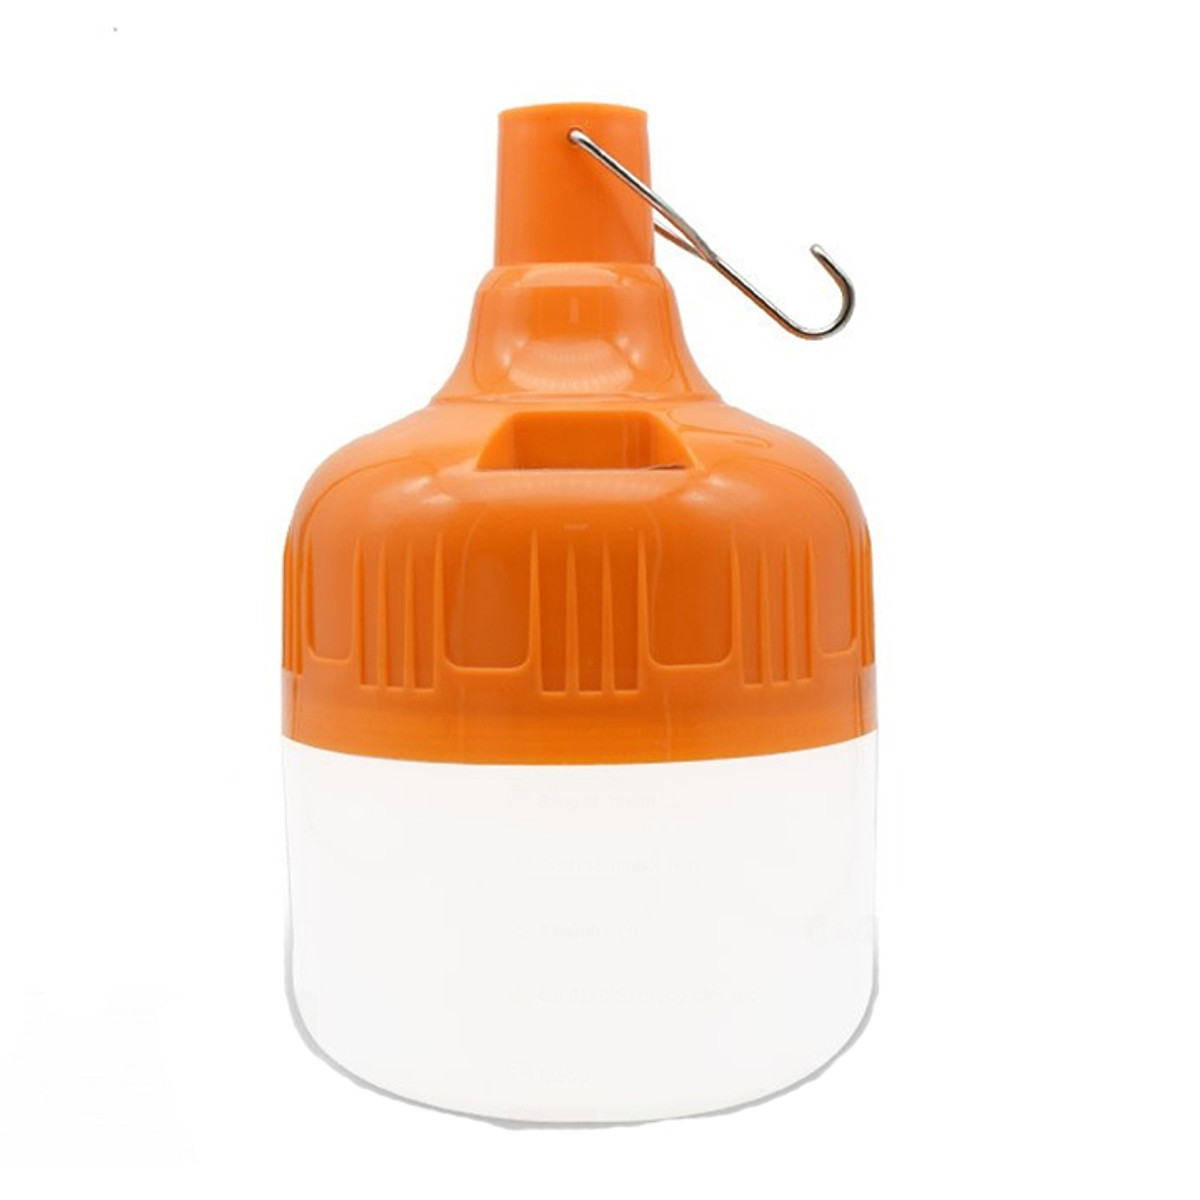 Bóng đèn Led sạc tích điện 100w có móc treo không cần dây điện - Đèn sạc  không dây